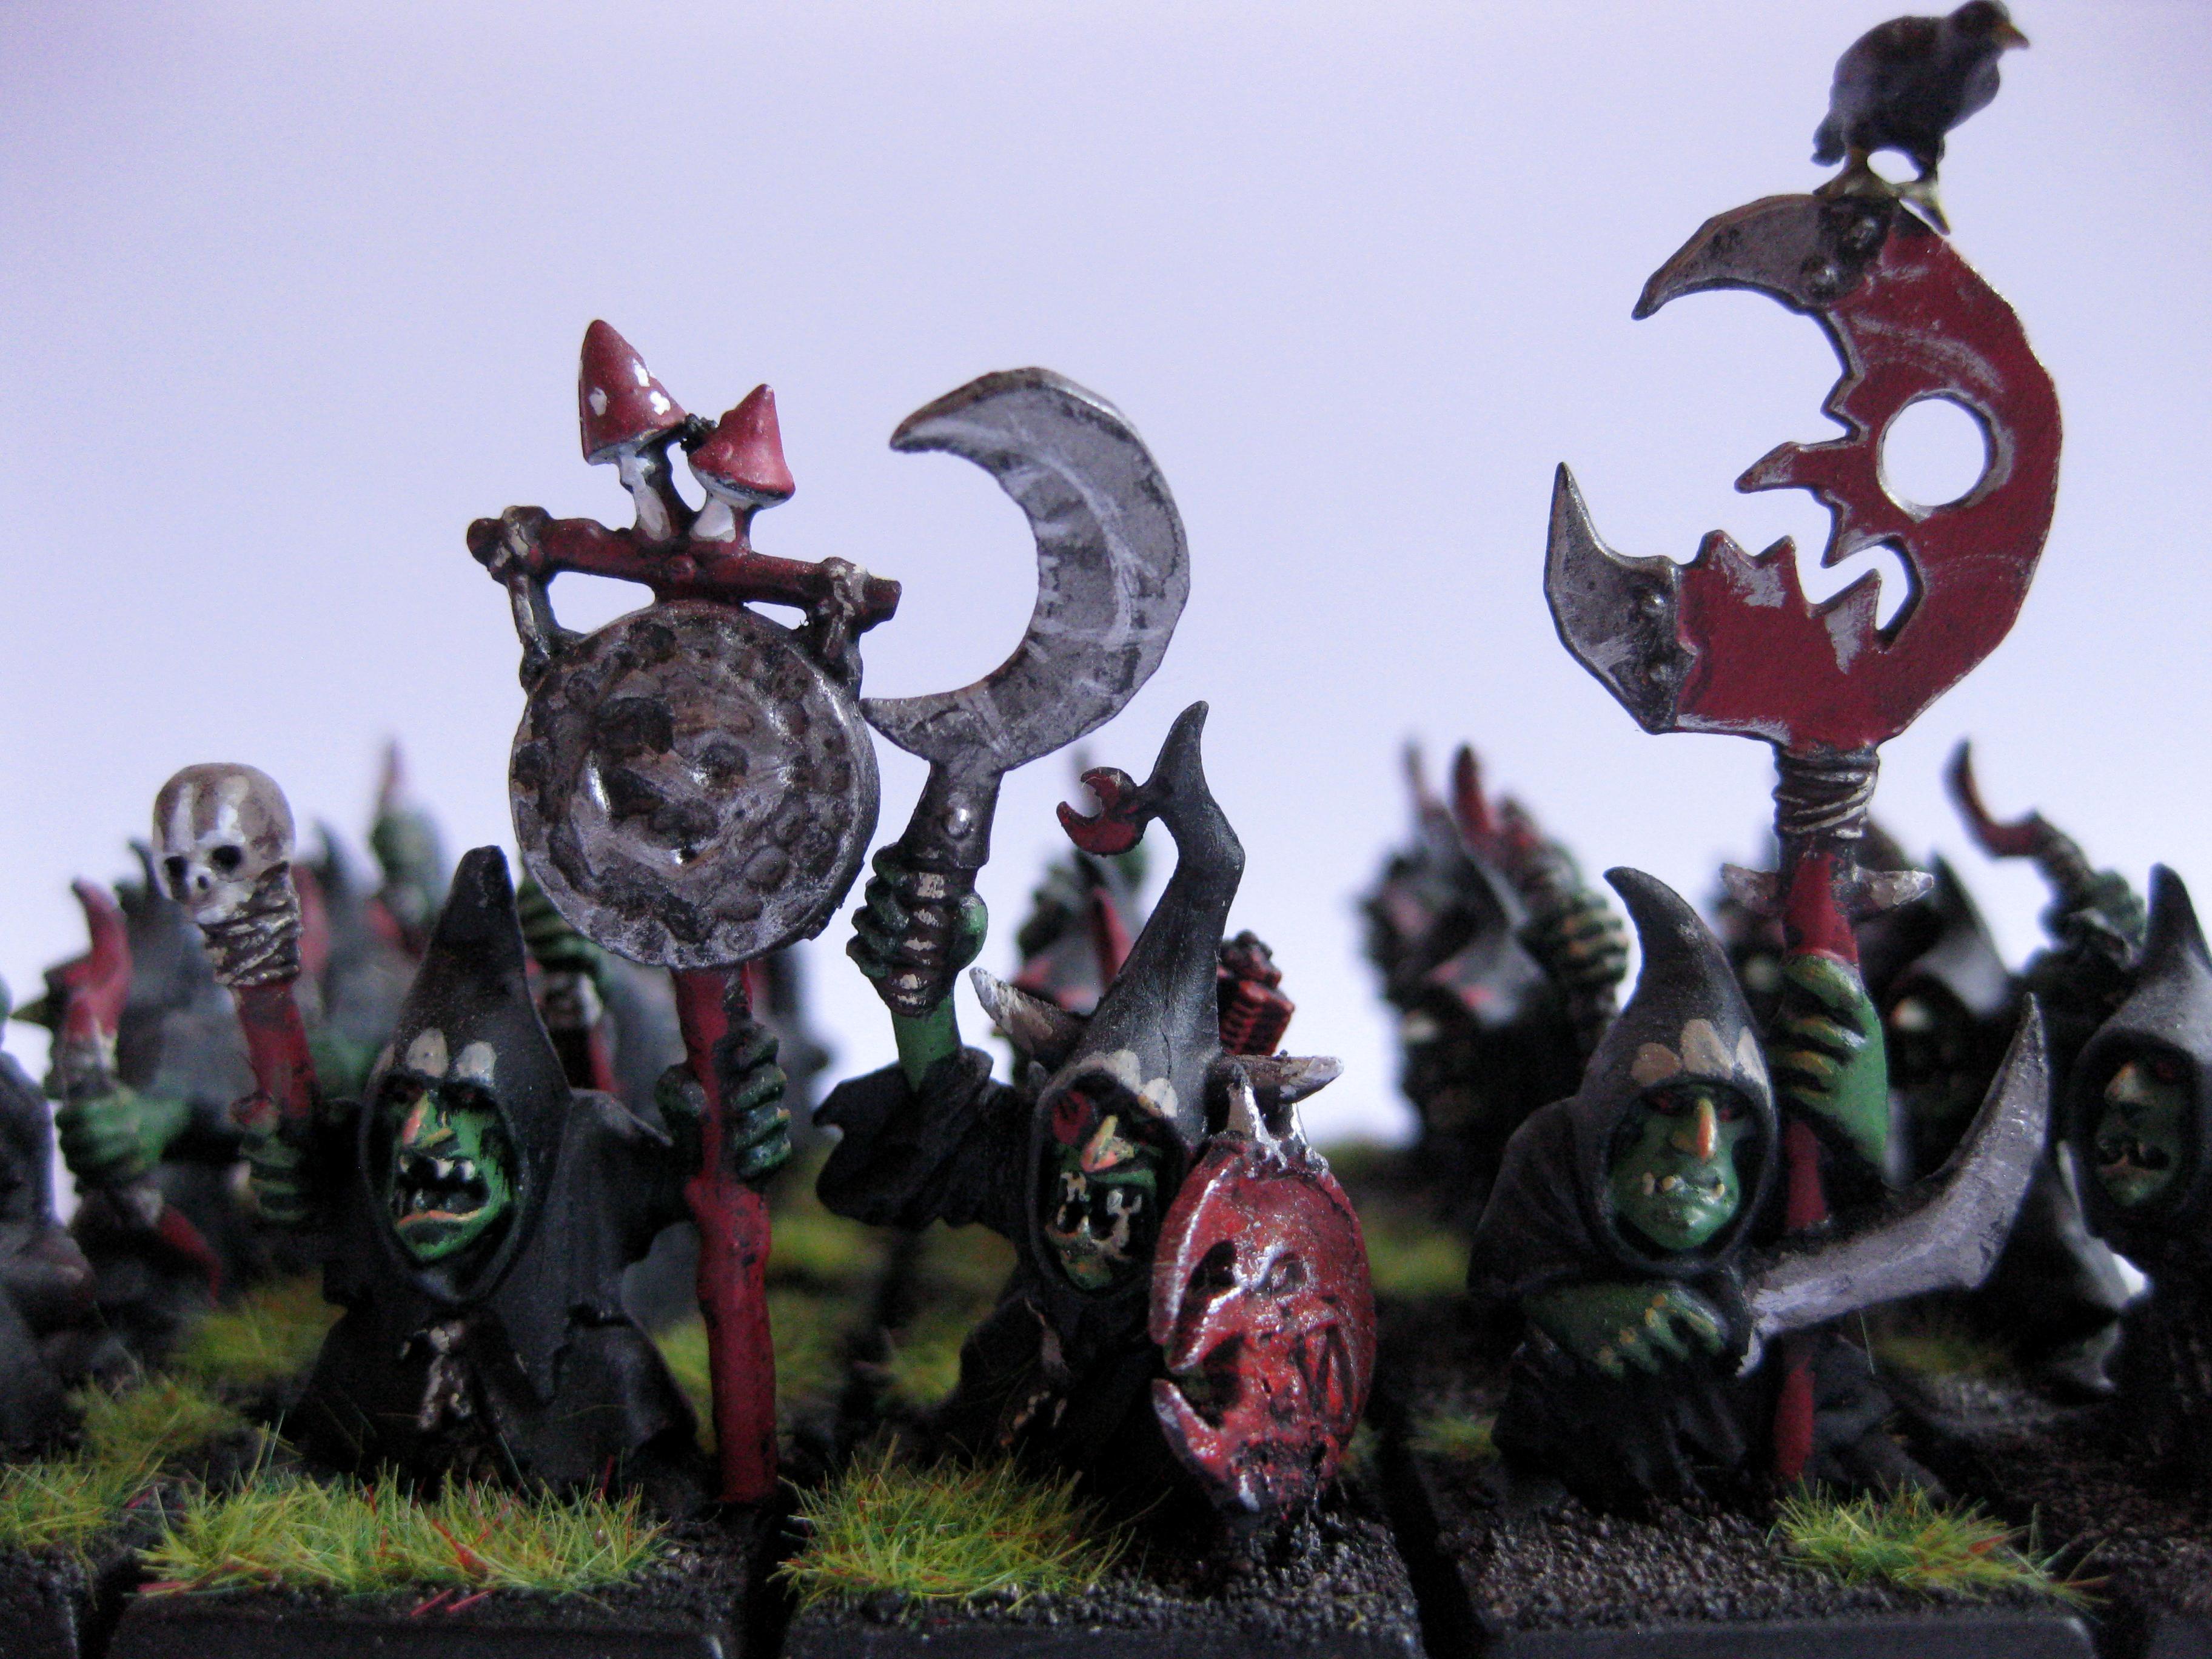 Archers, Bearer, Boss, Command, Goblins, Group, Musician, Night, Standard, Warhammer Fantasy